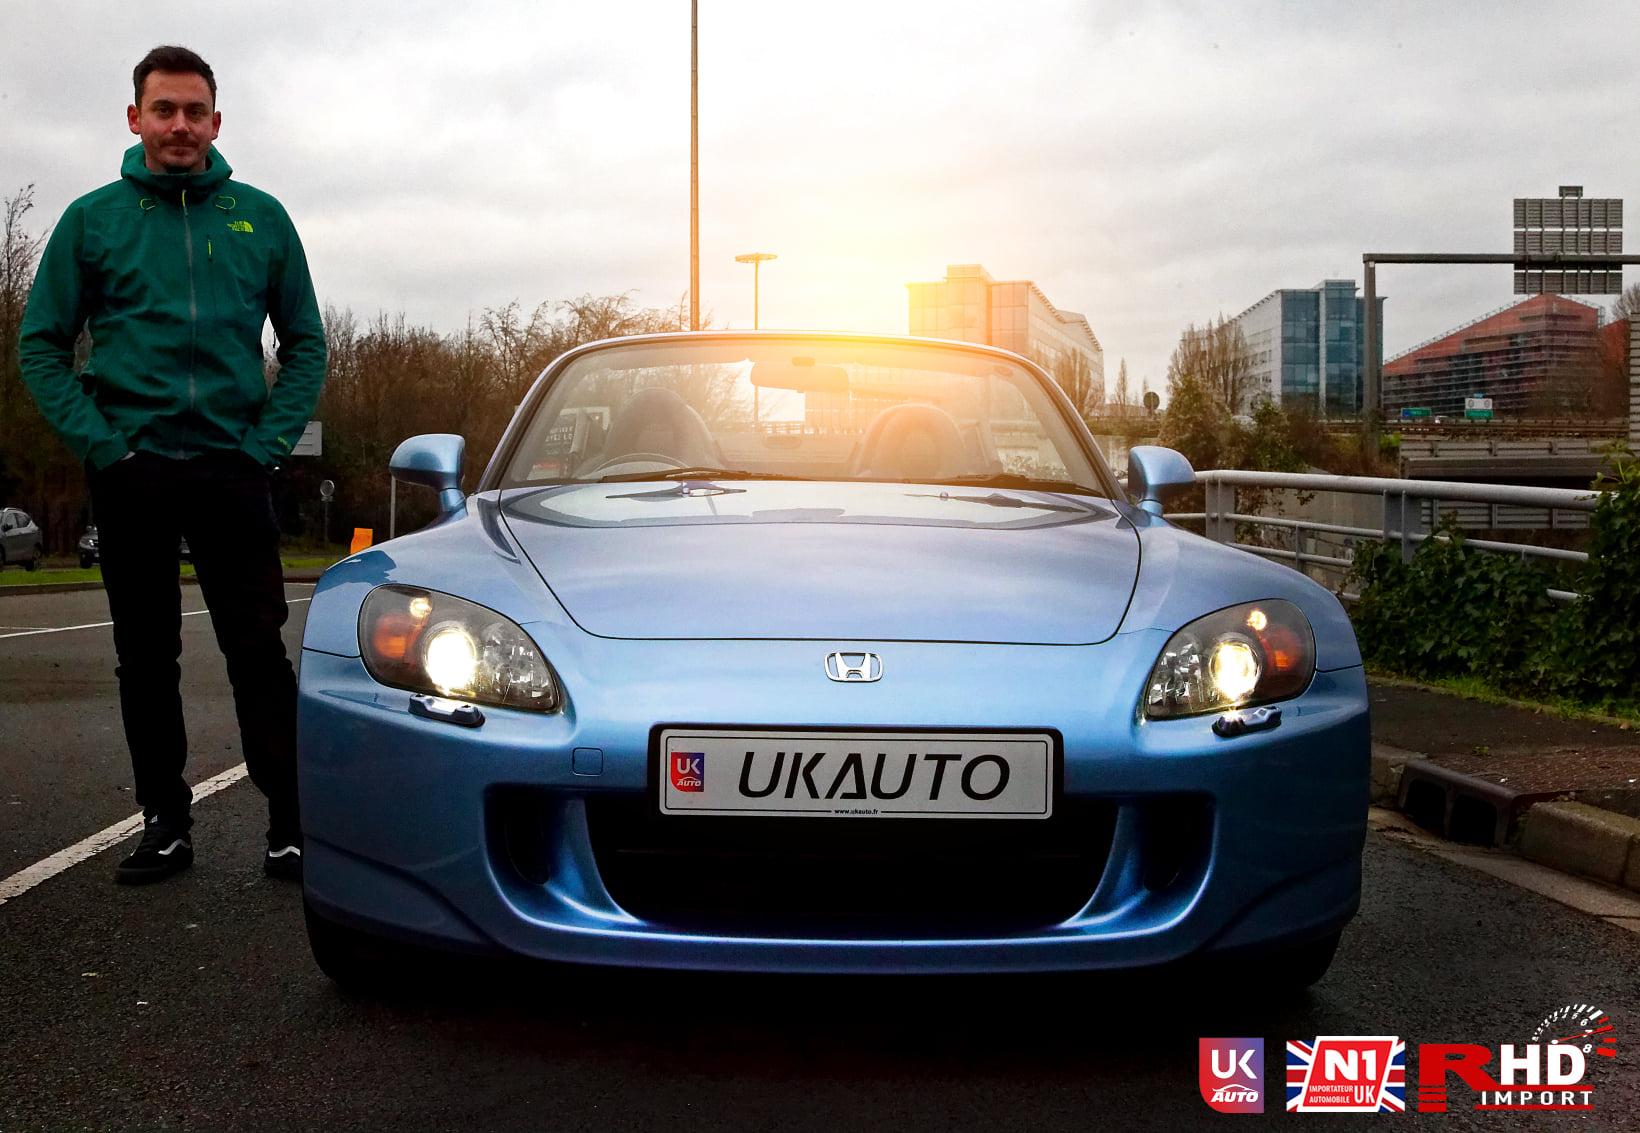 Voiture anglaise et brexit Honda S20005 - Voiture anglaise et brexit Honda S2000